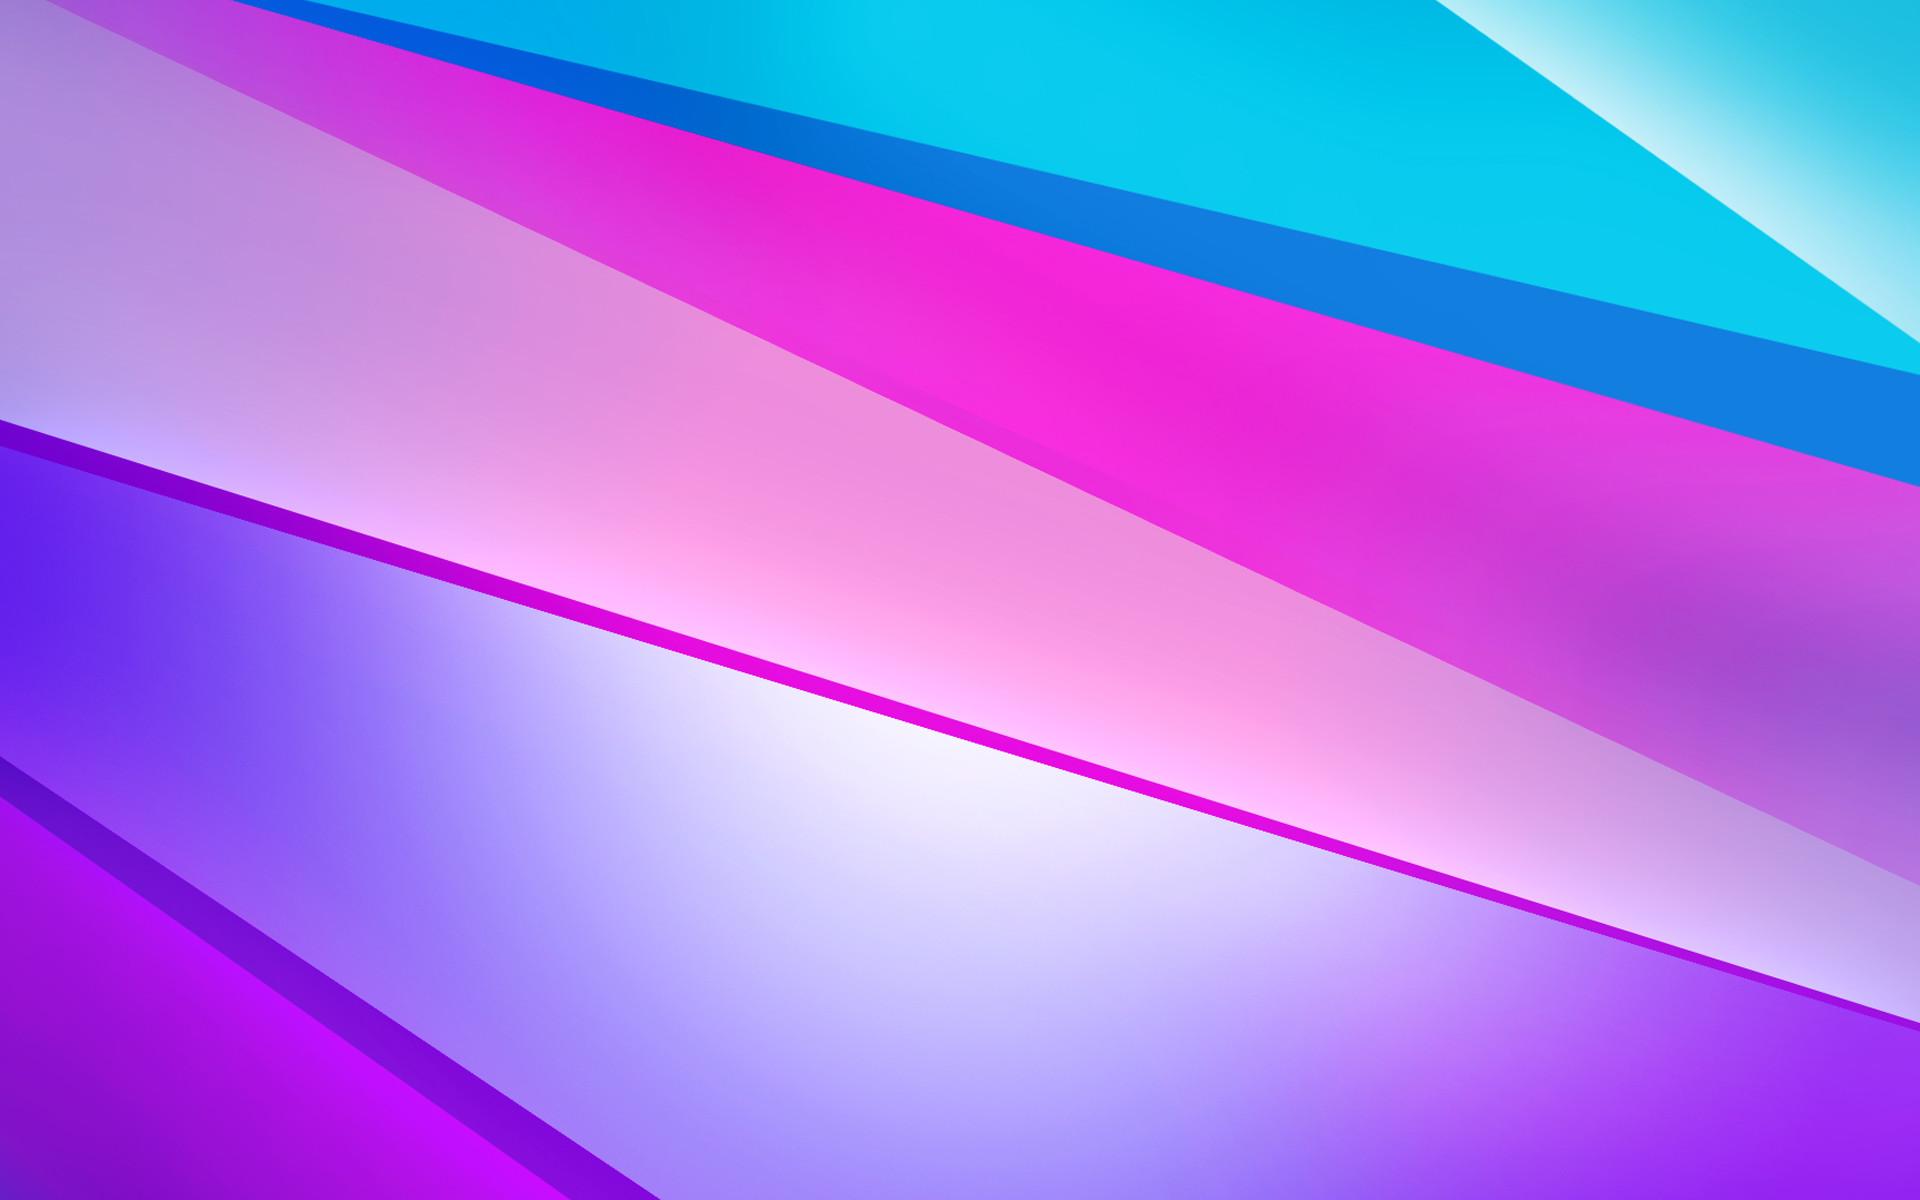 Colorful Wallpaper Dr Odd. ideas for a girls room. glass bookshelves.  letter coat …